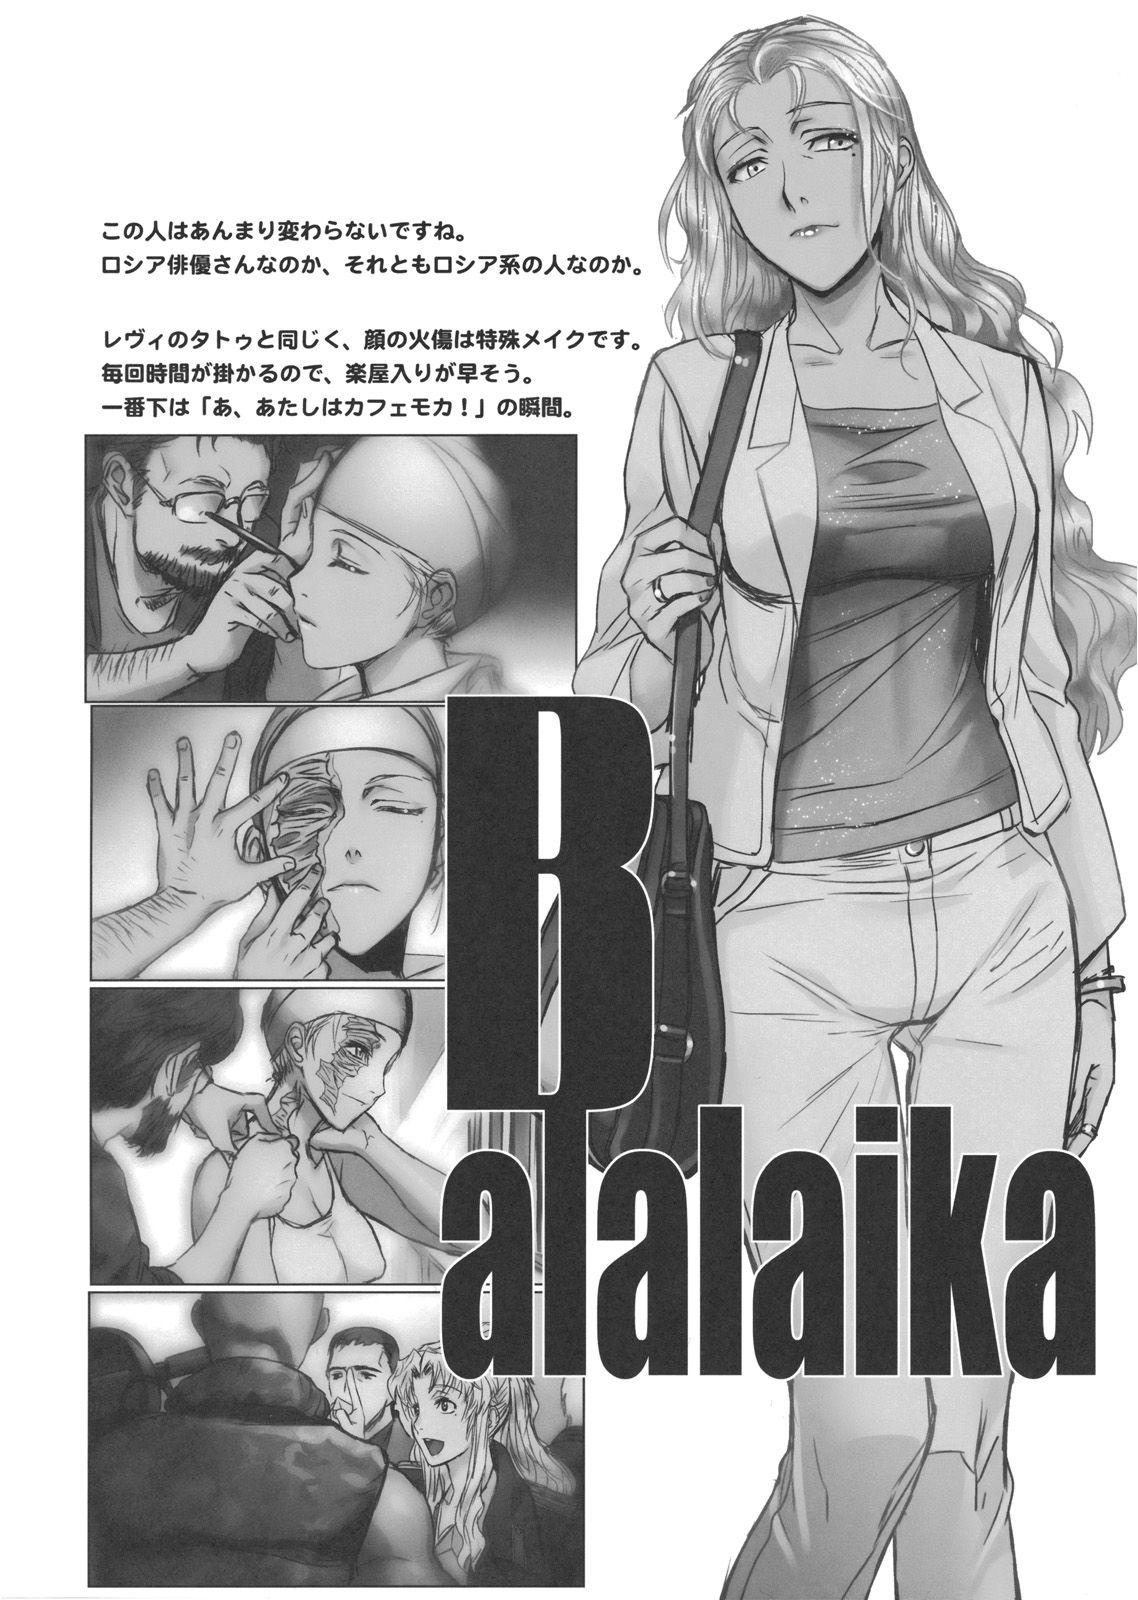 ブラックラグーン エロ 同人エロ漫画書庫 同書庫